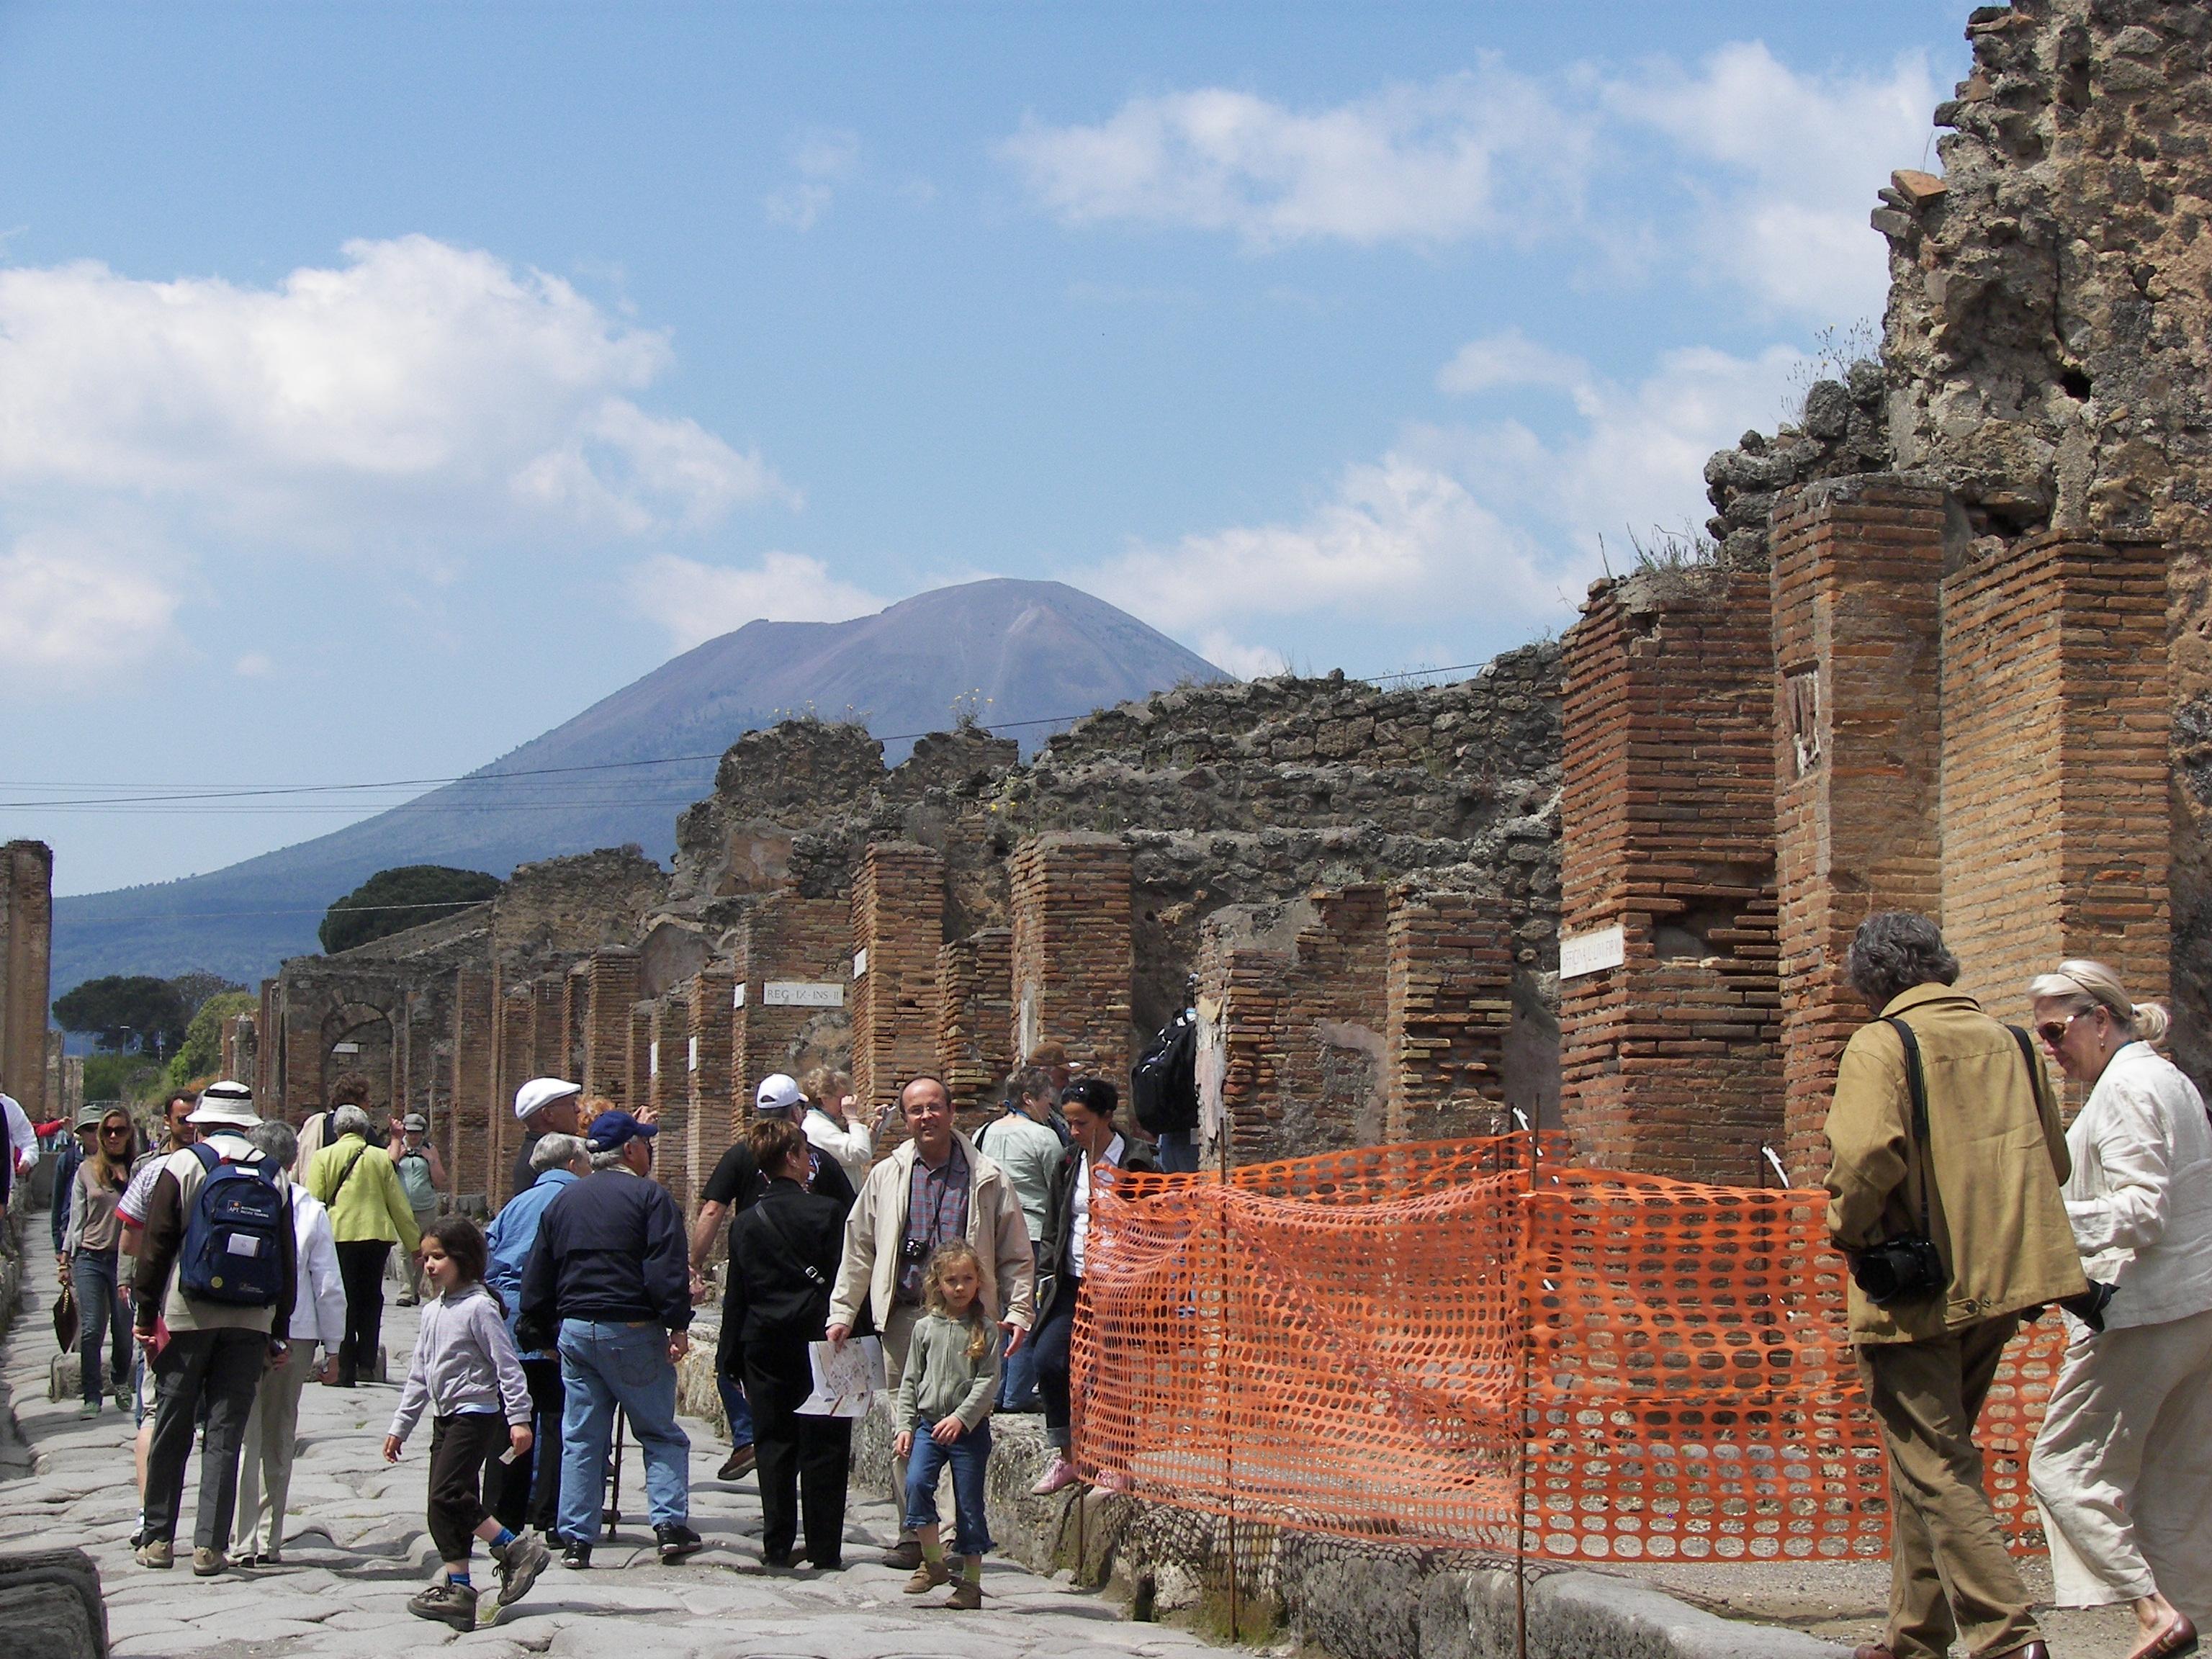 Pompeii And Vesuvius Tour From Rome